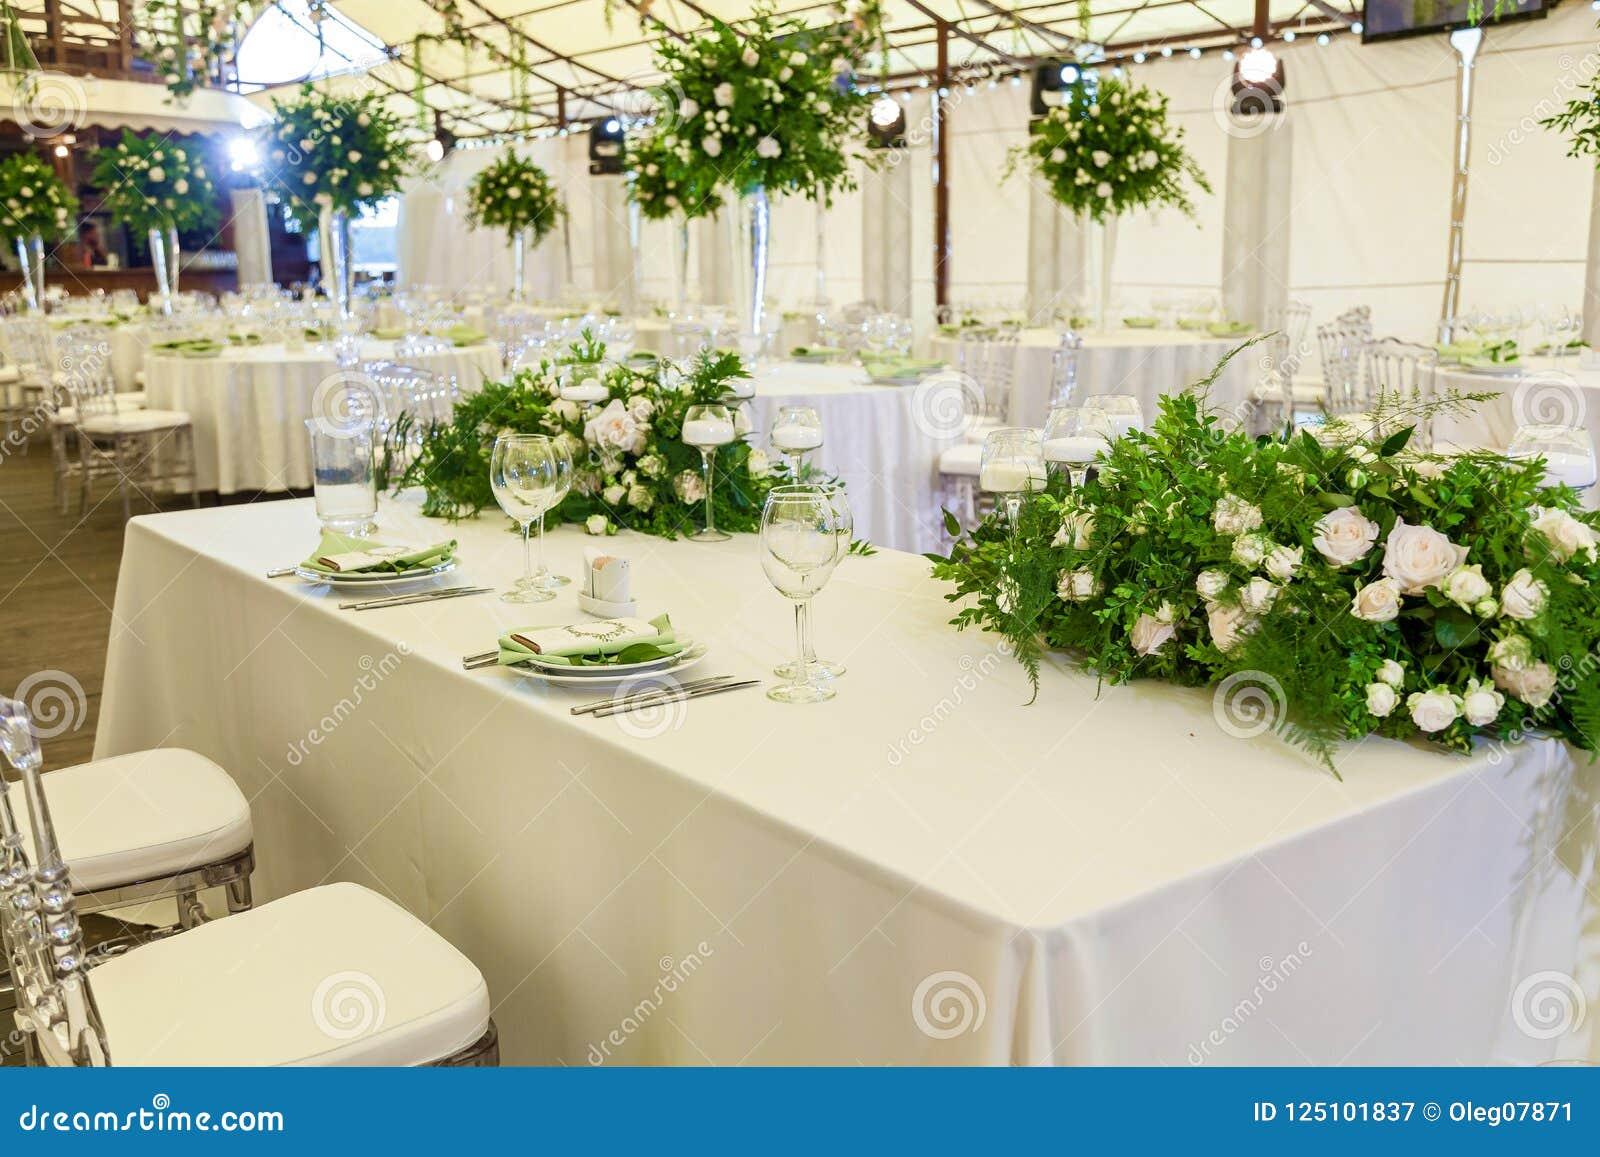 Decorating Flowers With A Wedding Celebration Stock Image Image